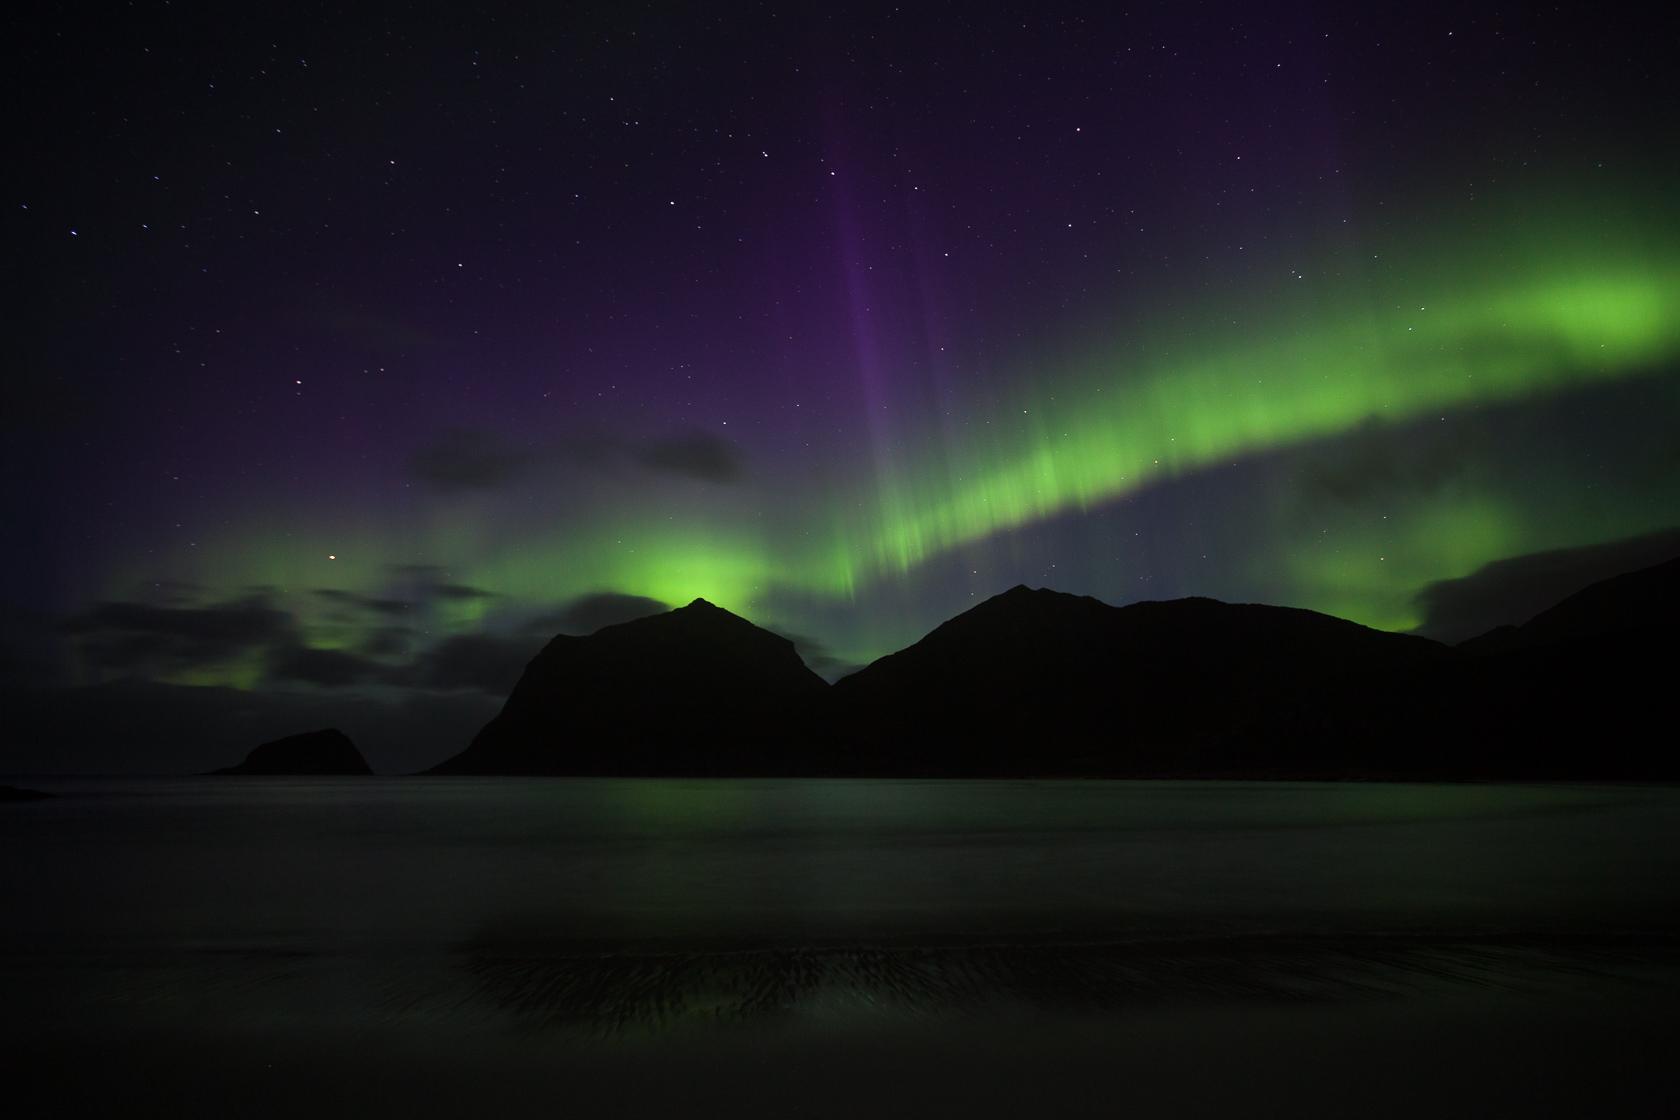 aurore boréale à la plage d'Haukland pendant un voyage photo dans les îles Lofoten, en norvège